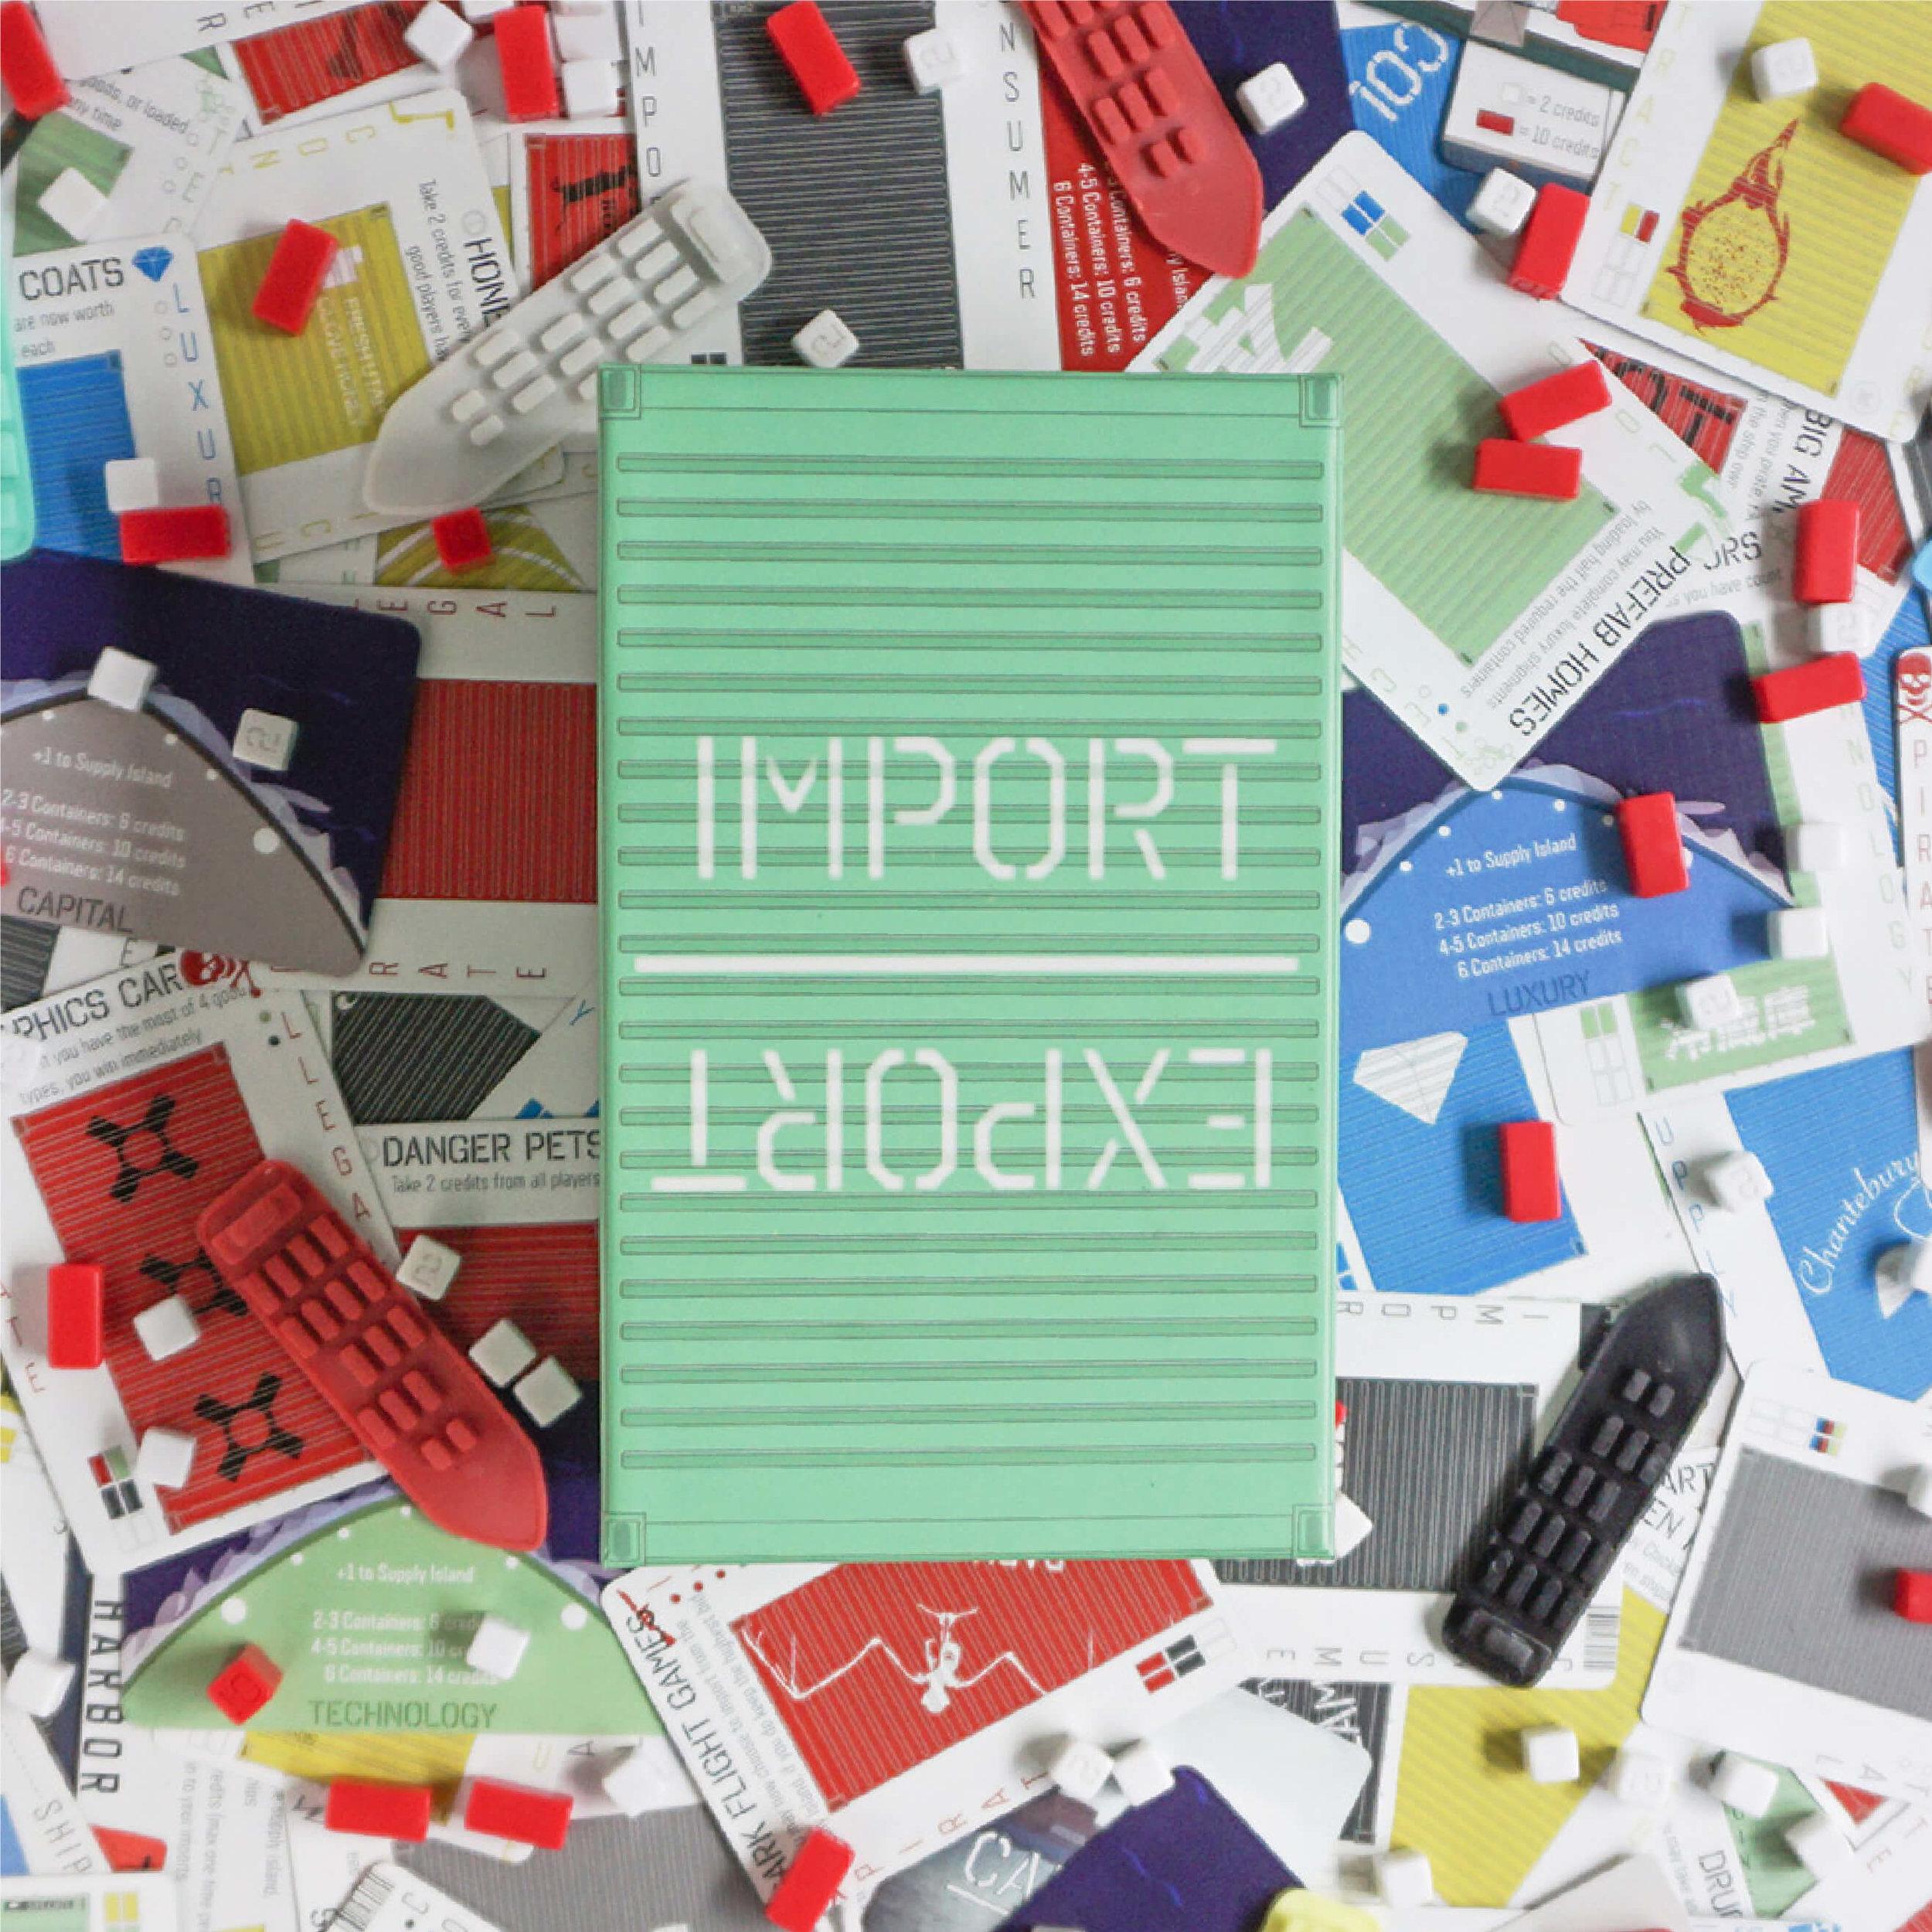 IMPORT EXPORT.jpg